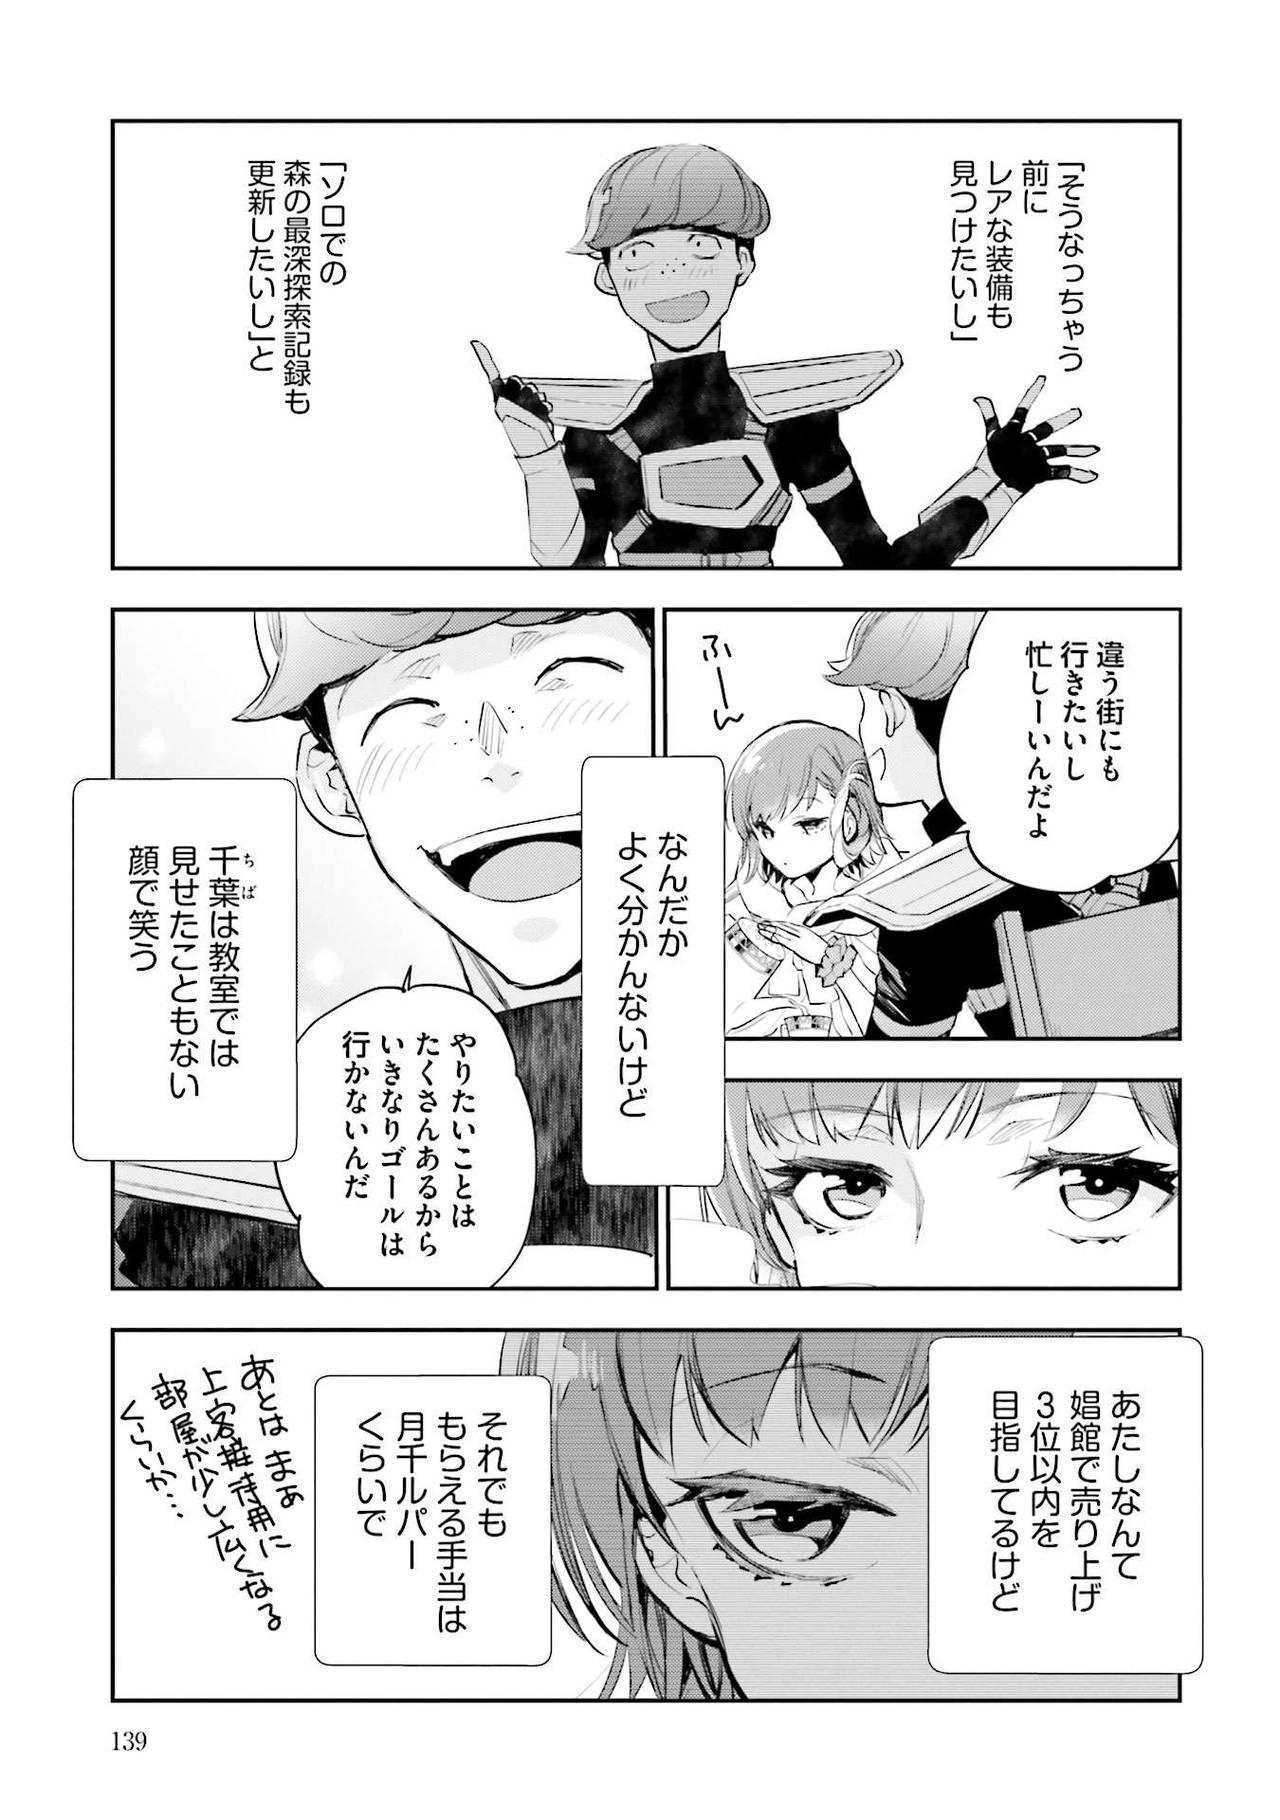 JK Haru wa Isekai de Shoufu ni Natta 1-14 140